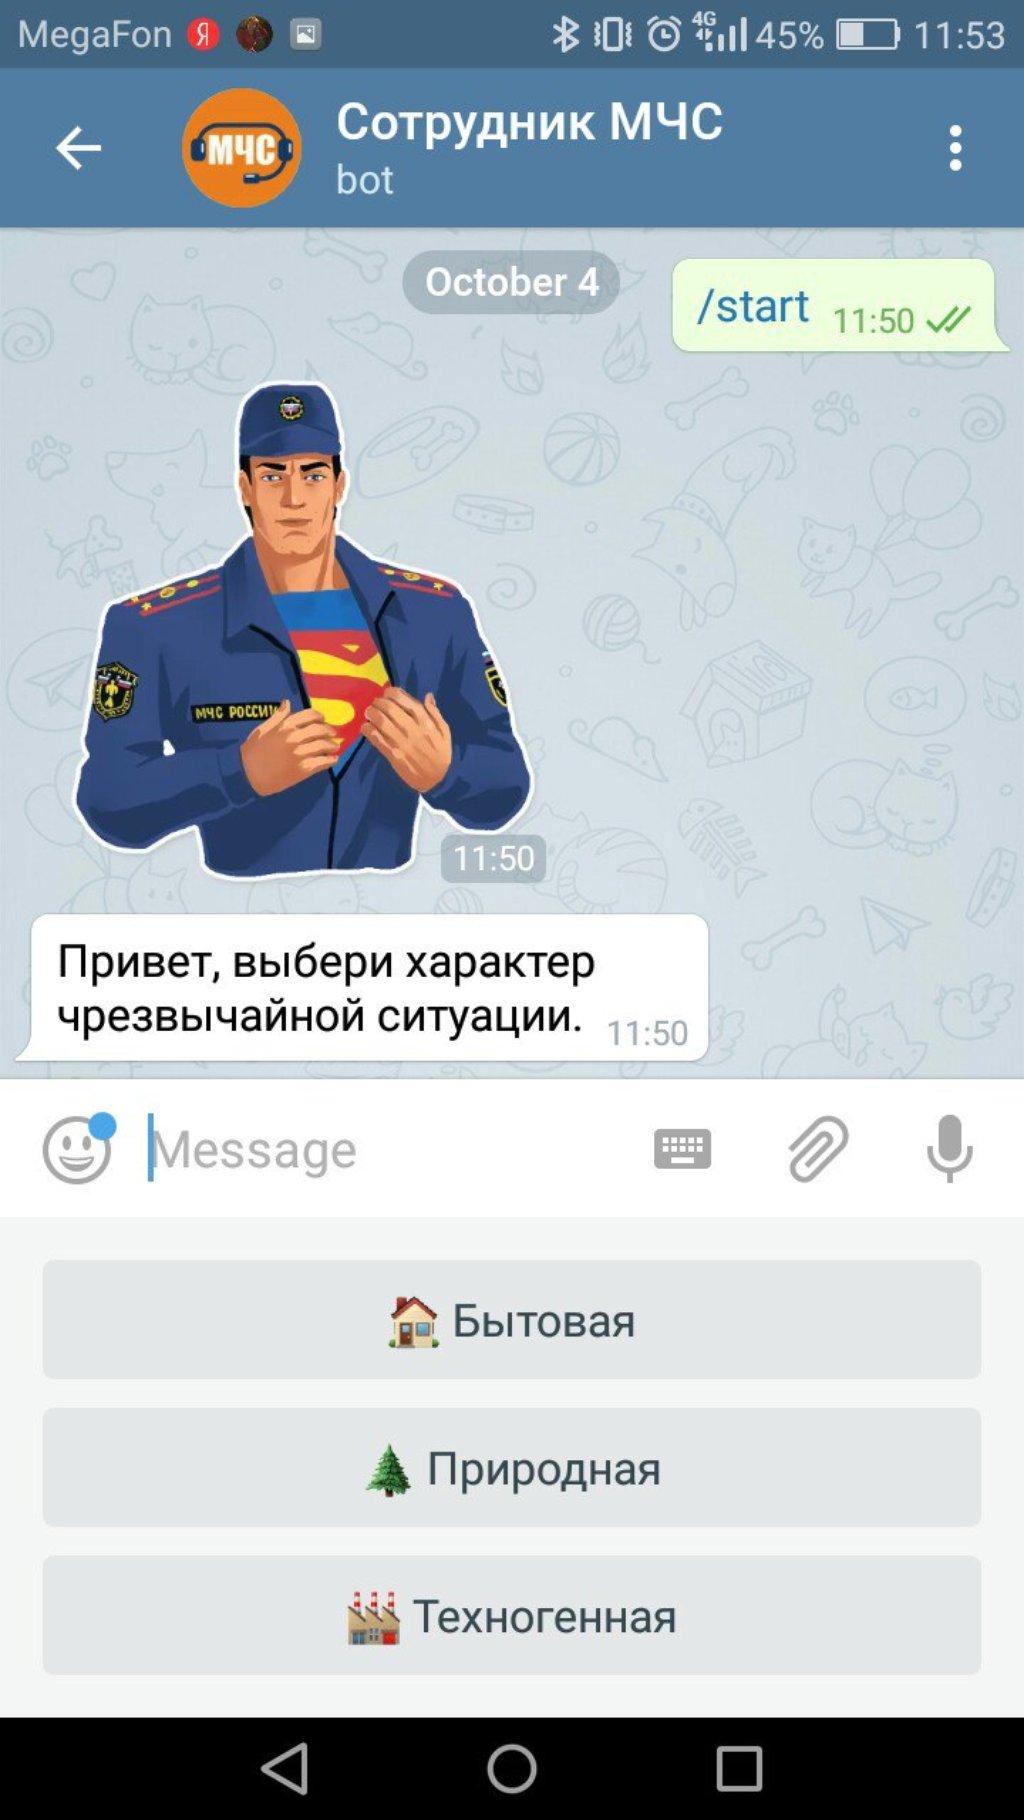 ChatBot Conference RU: V Telegram poyavilsya chat-bot «Sotrudnik MChS» - 1